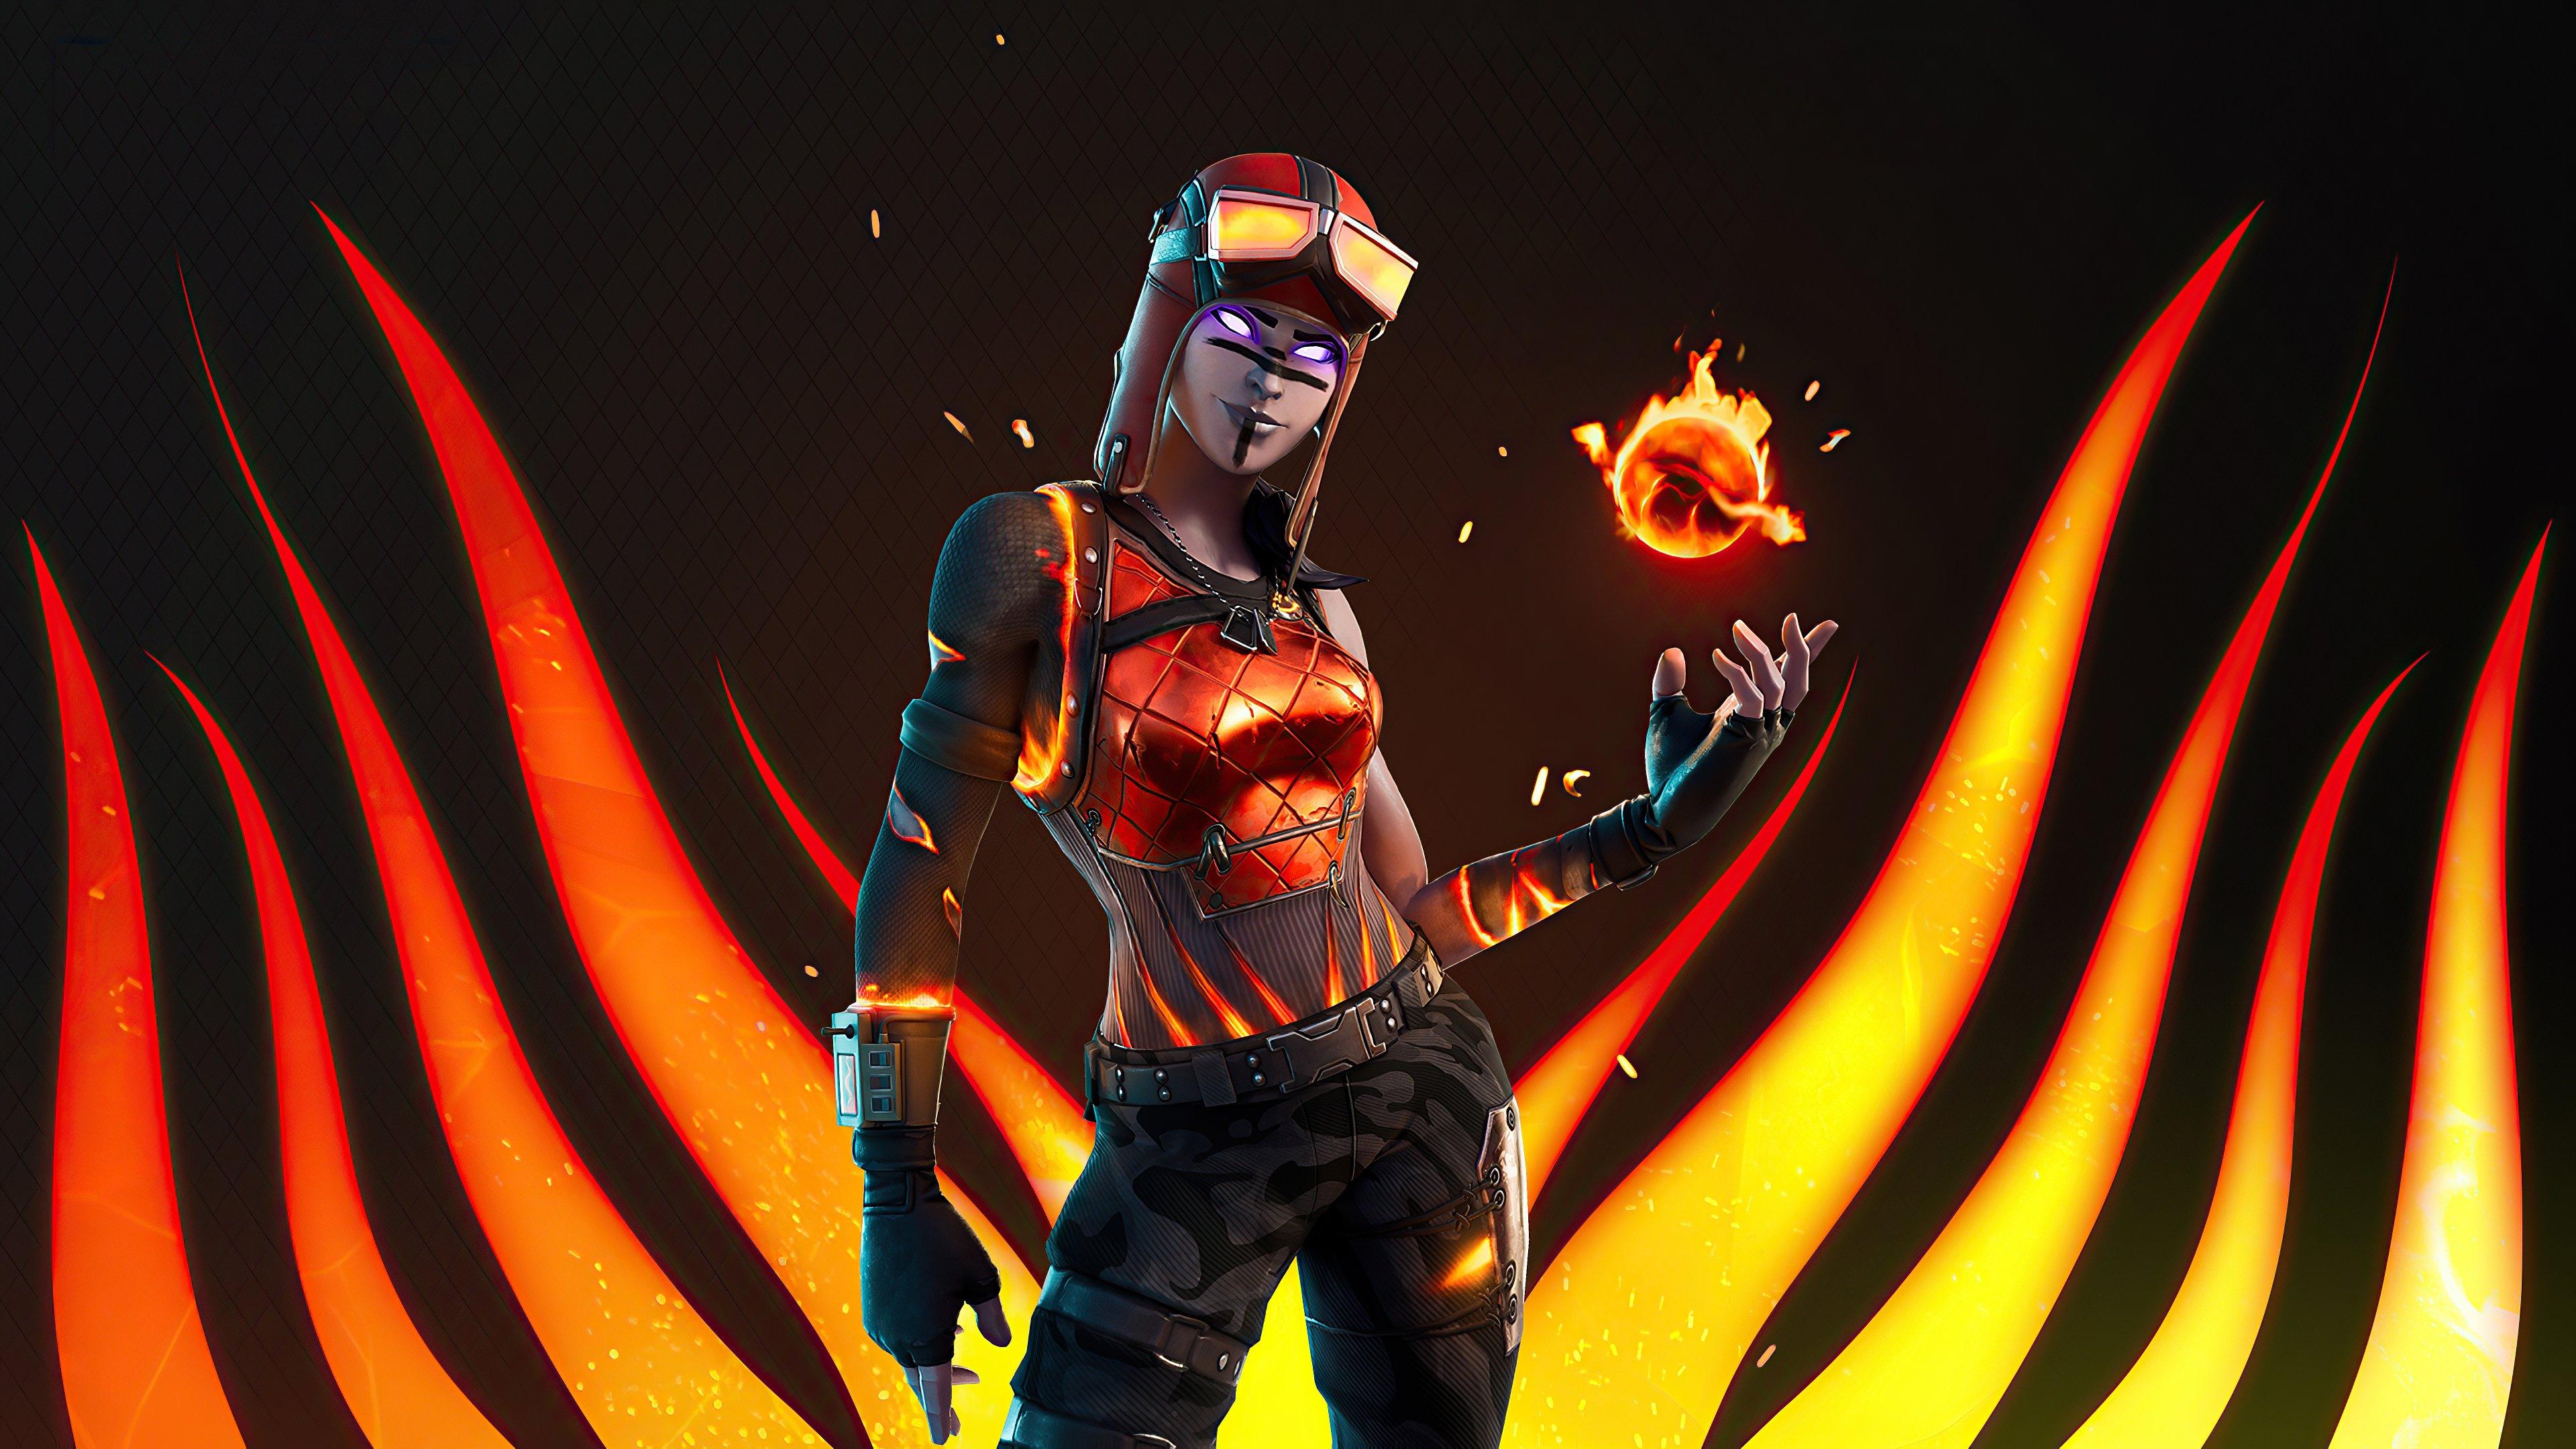 Wallpaper Blaze from Fortnite